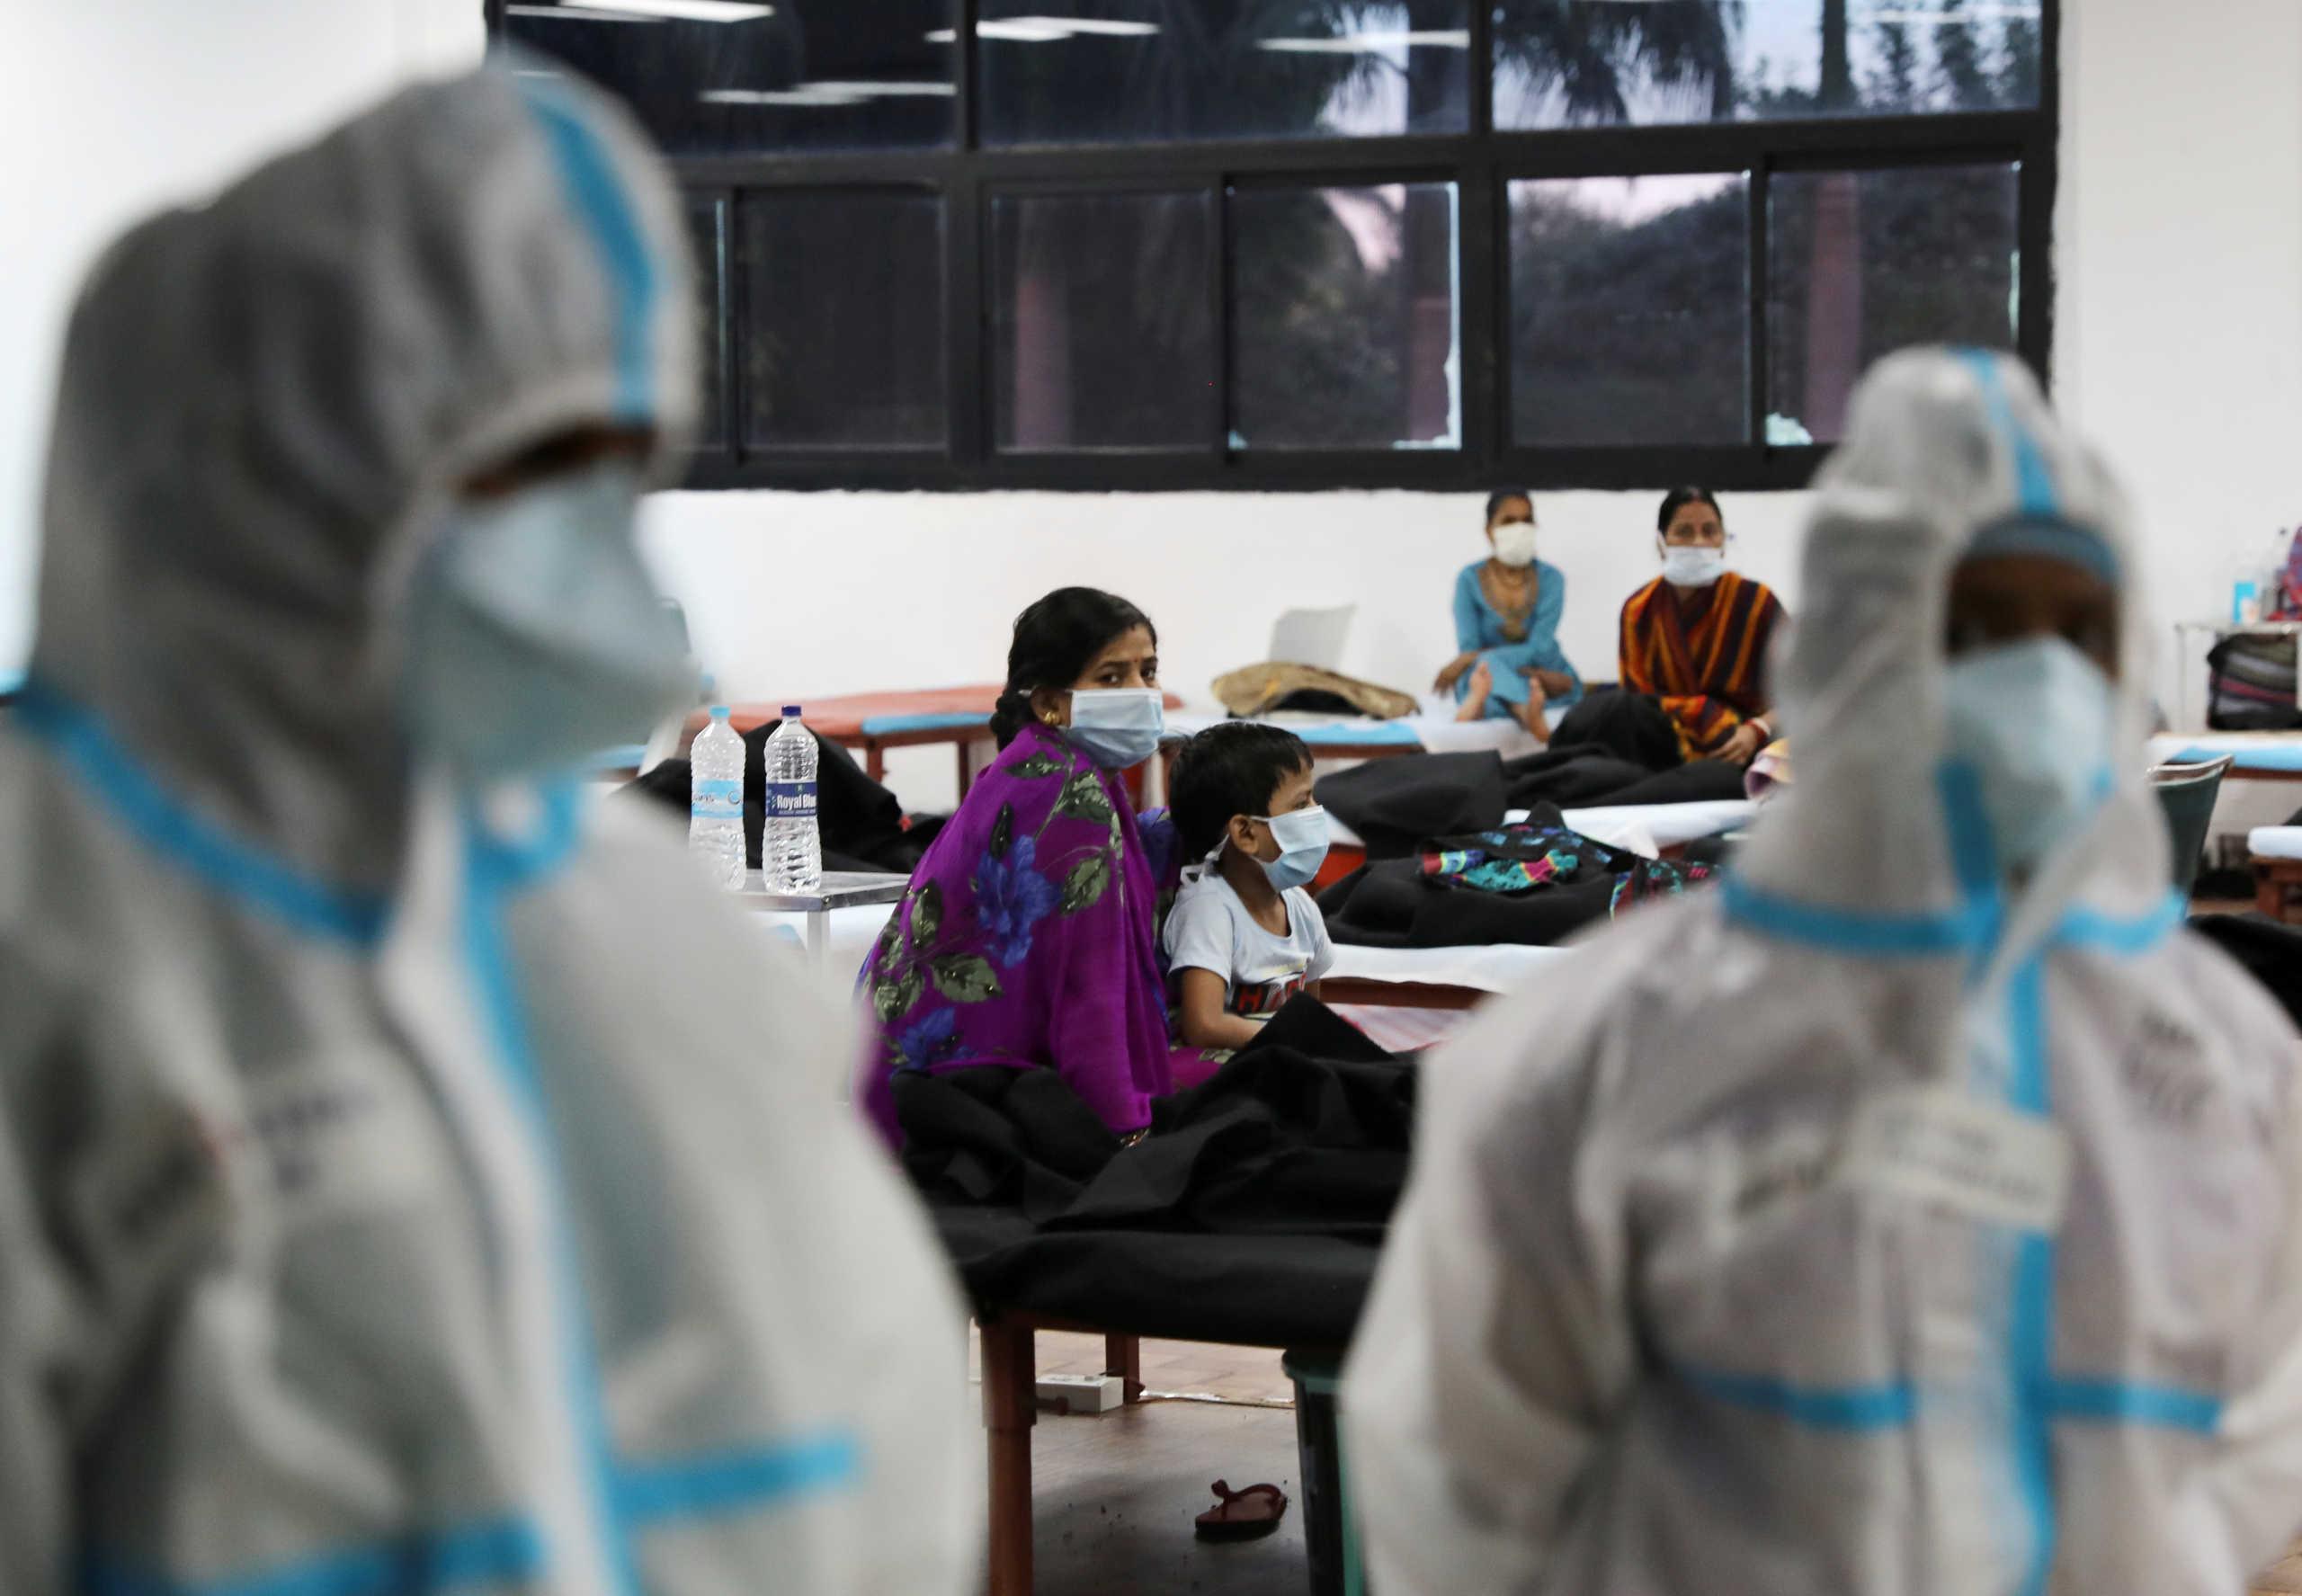 Κορονοϊός: Πάνω από 8,4 εκατομμύρια κρούσματα στην Ινδία